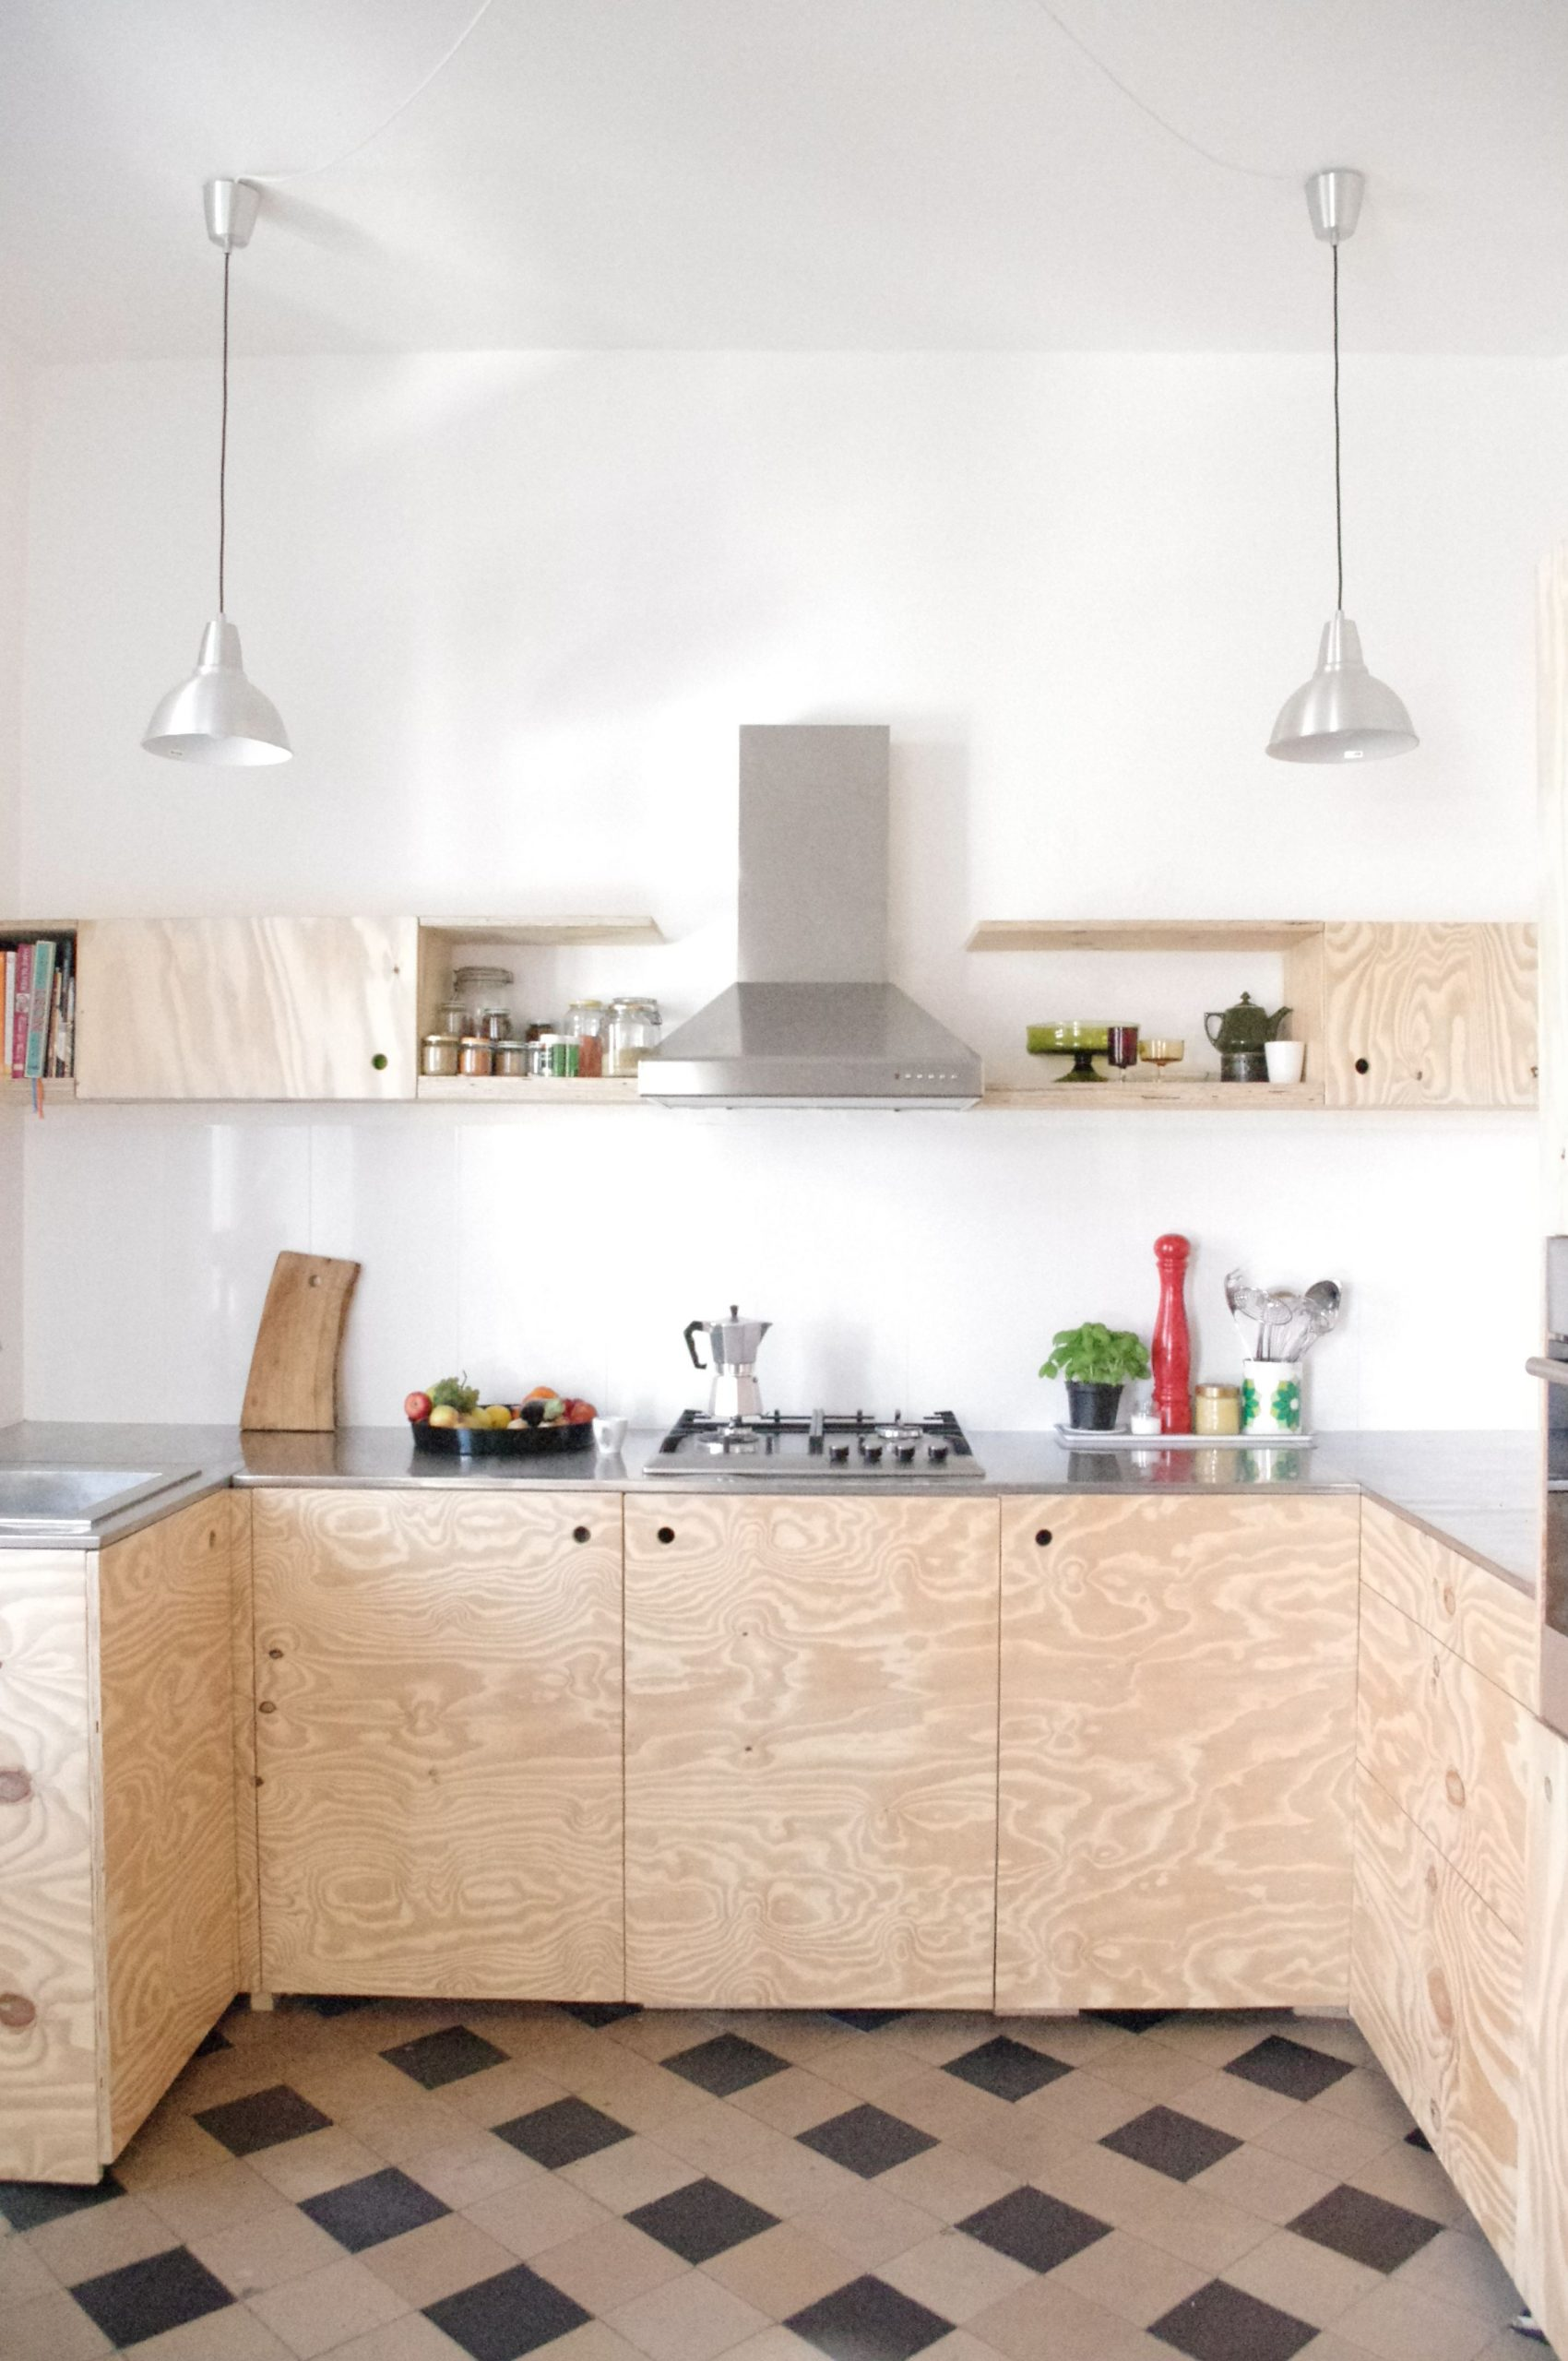 Full Size of Diy Kche In 2020 Selber Bauen Küche Kaufen Mit Elektrogeräten Gewinnen Pendelleuchten Ausstellungsküche Ohne Oberschränke Pantryküche Kühlschrank Wohnzimmer Küche Diy